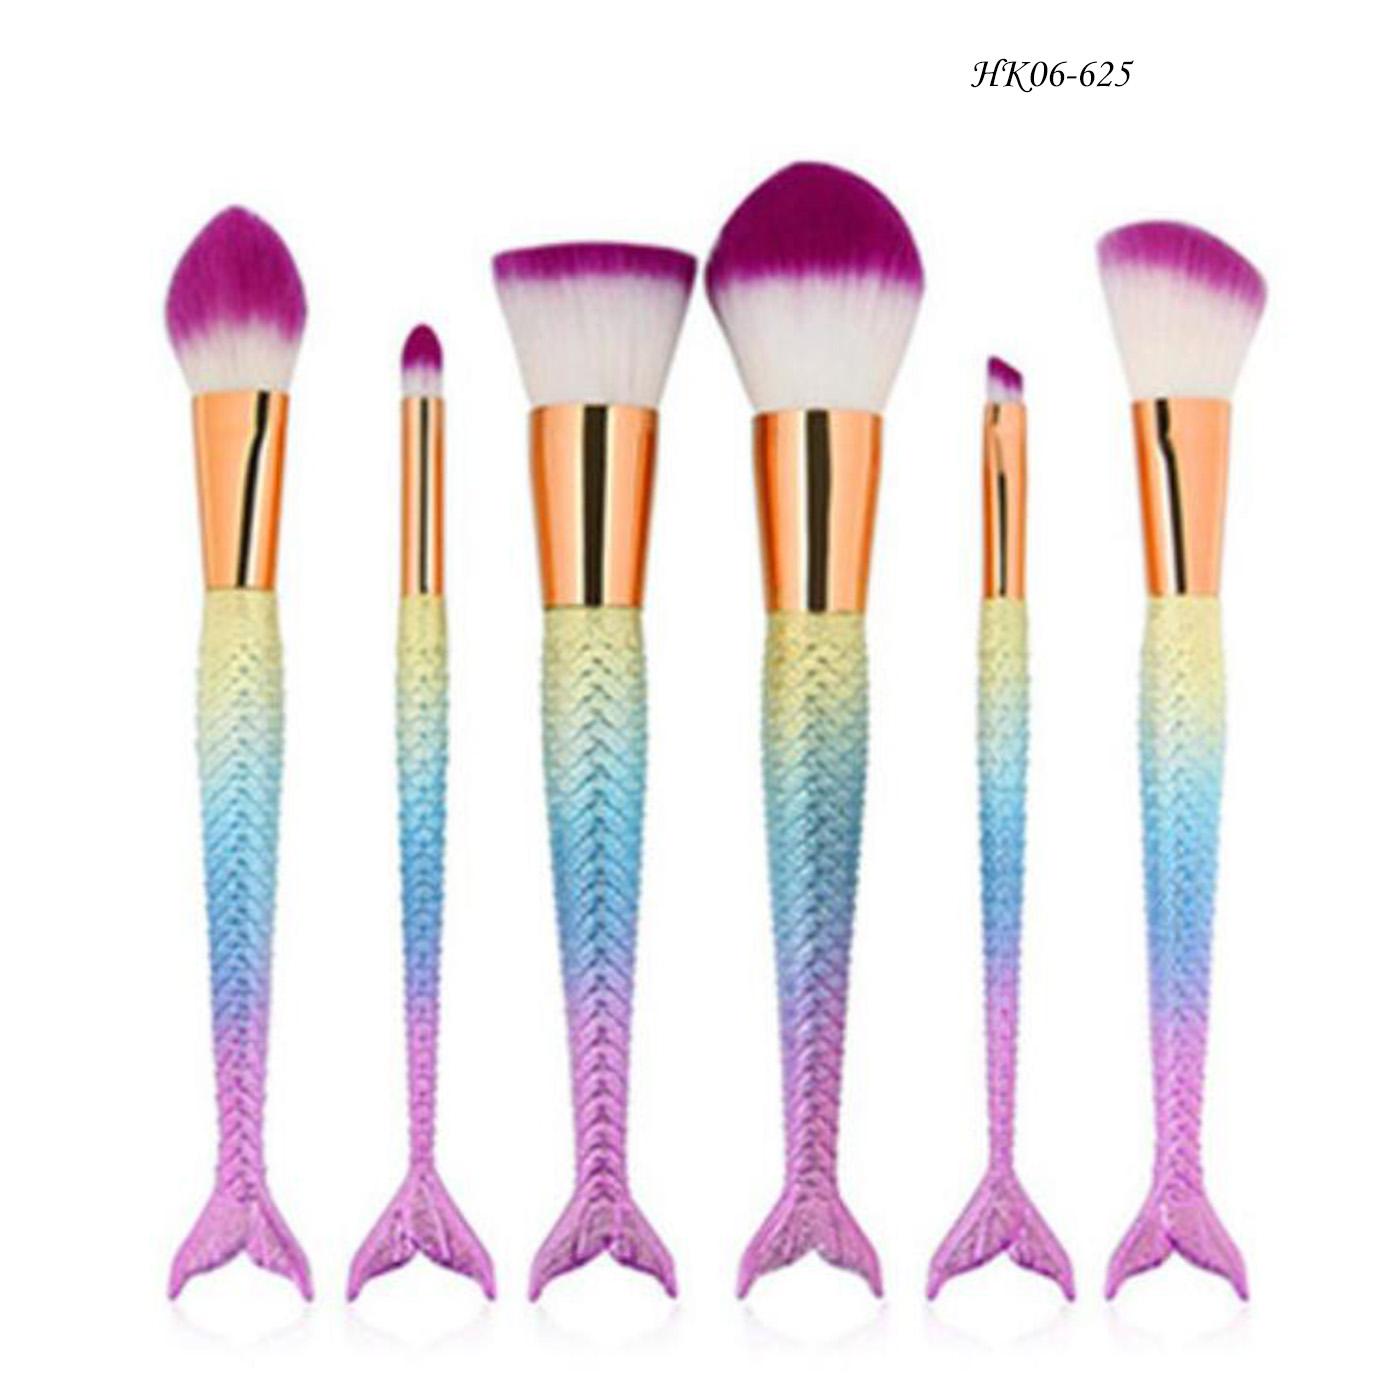 Makeup brush set HK06-625